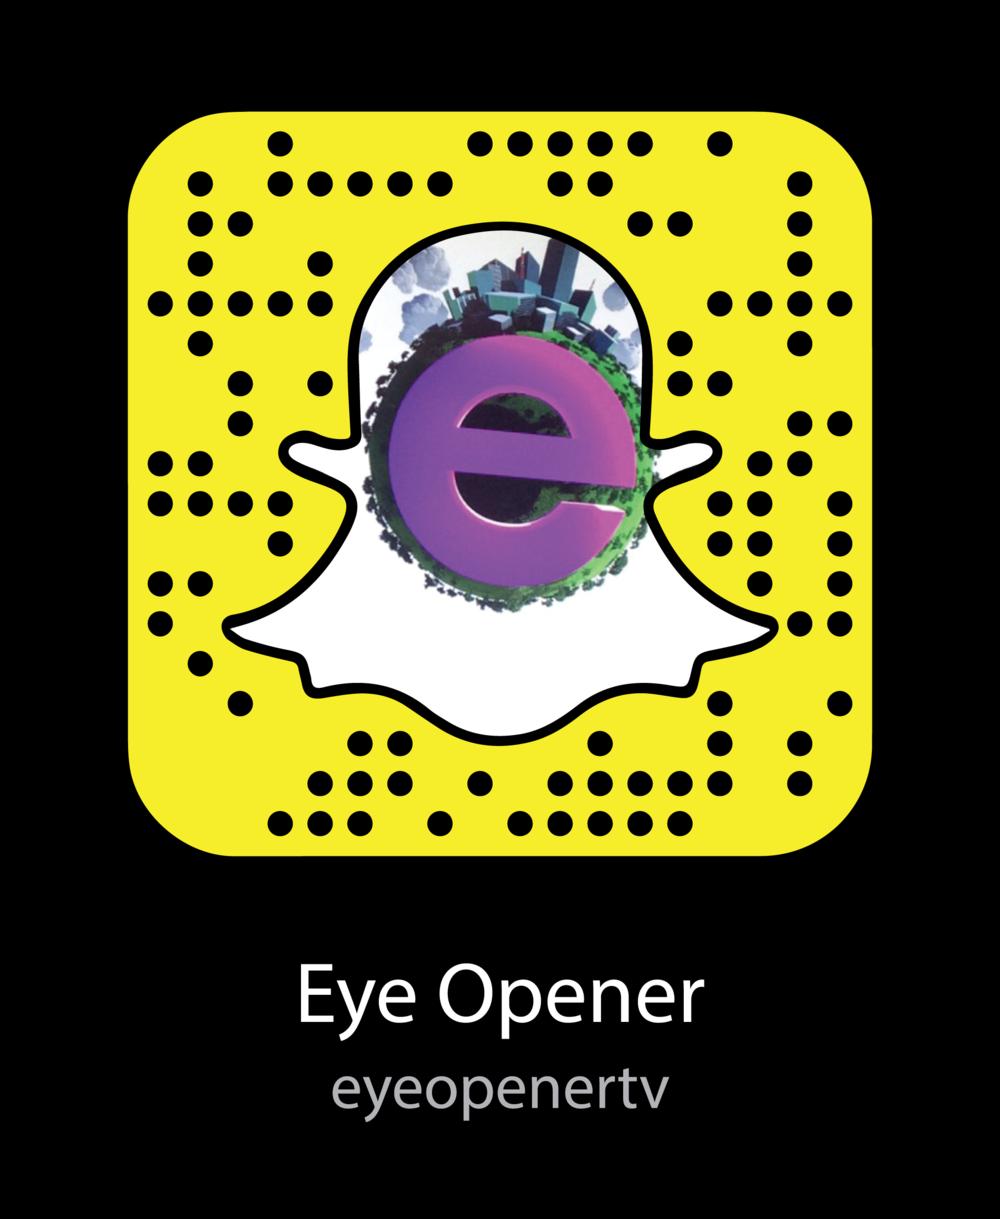 Eye Opener eyeopenertv-News-snapchat-snapcode.png